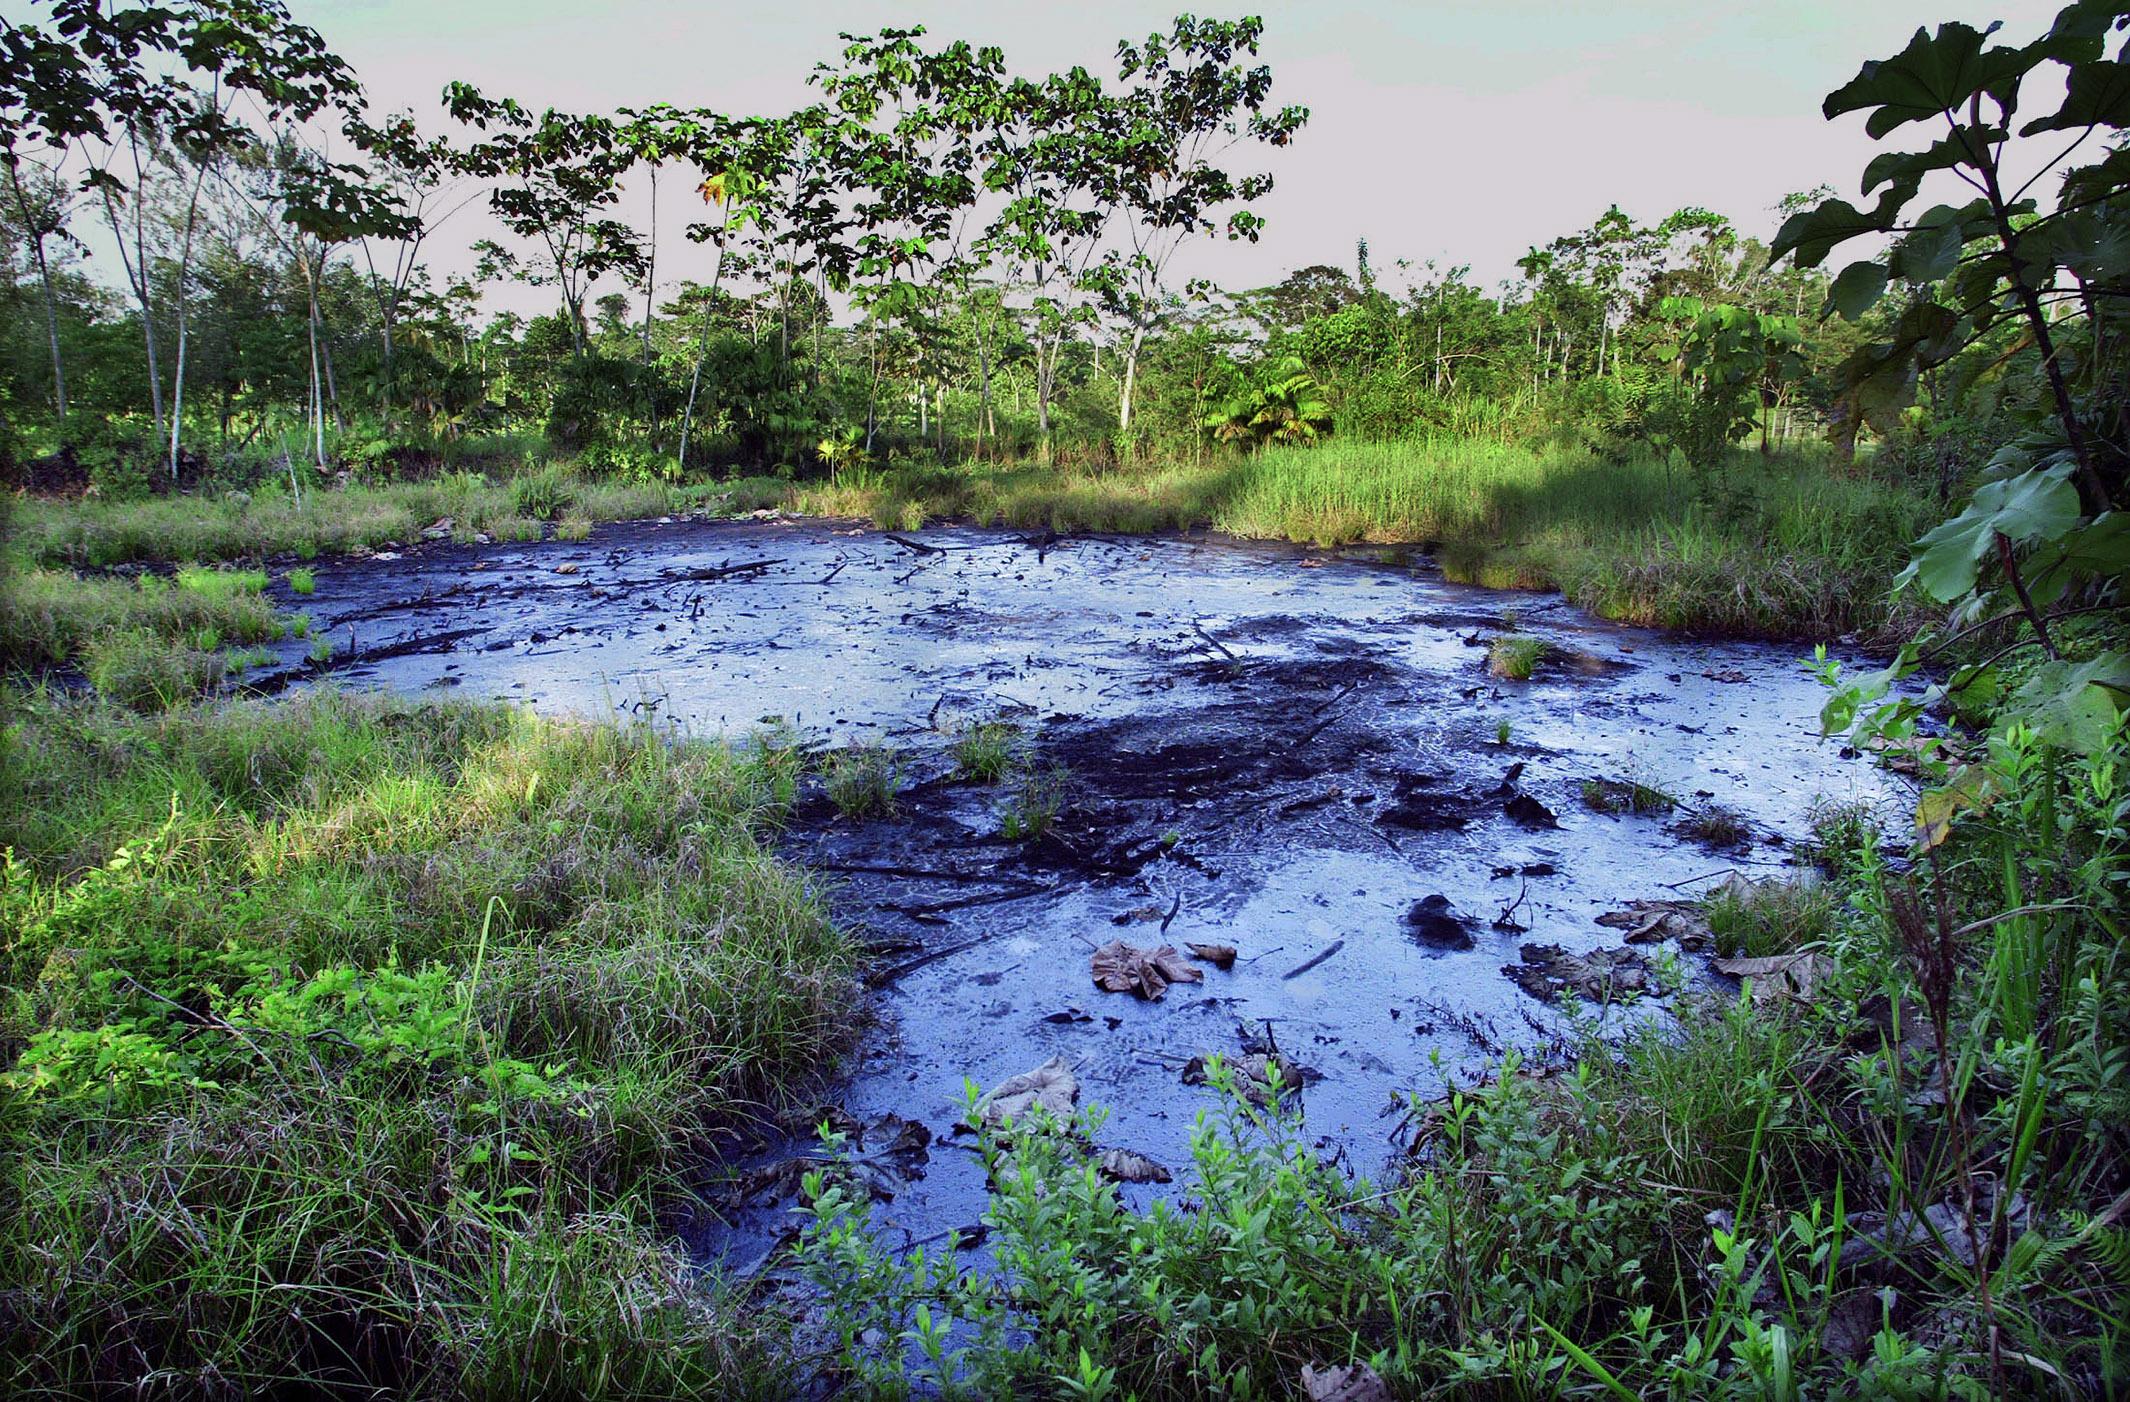 Chevron-Texaco oil extraction and legal case, Ecuador | EJAtlas on